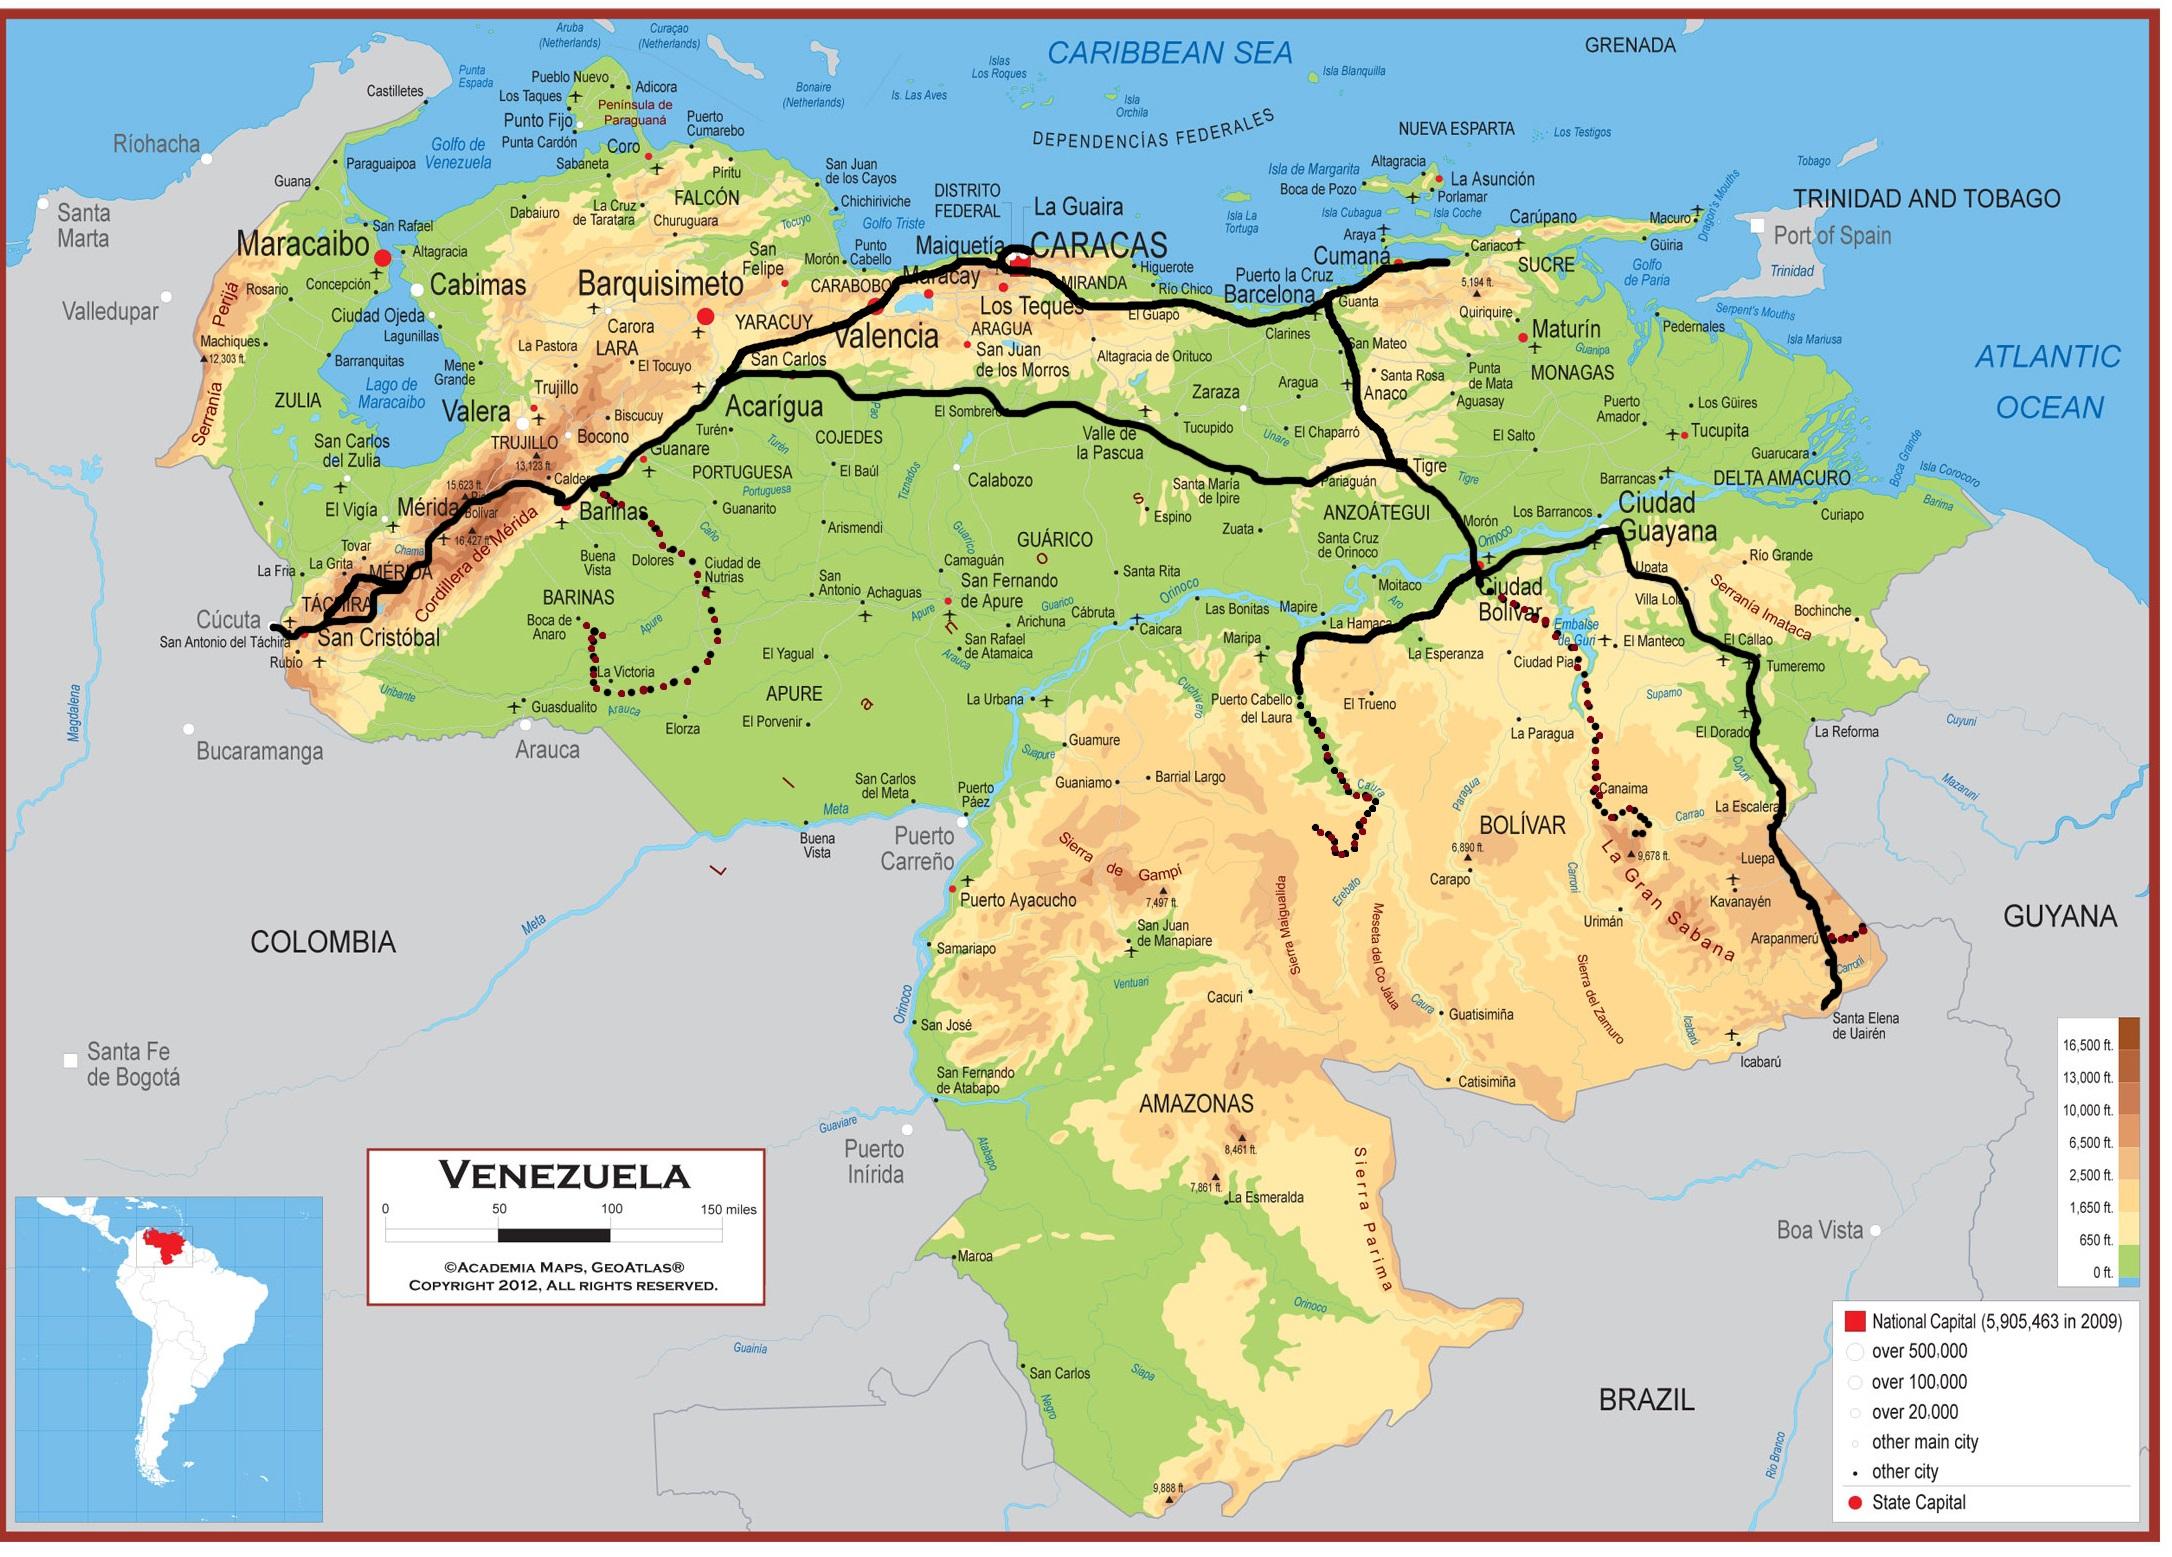 jvenes delincuentes en venezuela essay